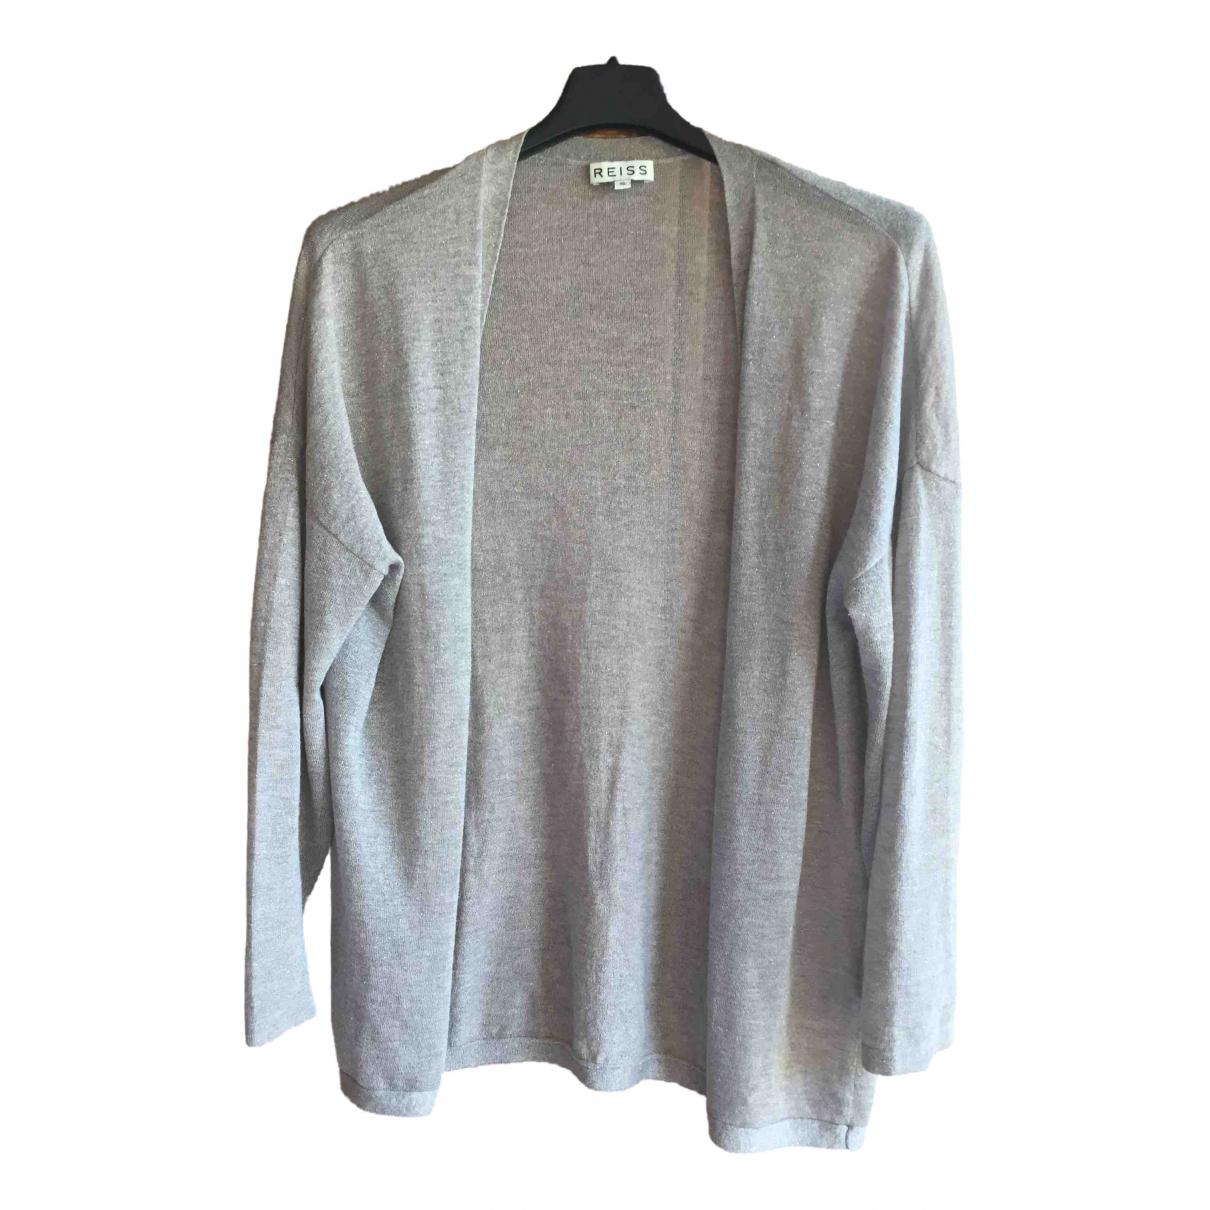 Reiss \N Metallic Knitwear for Women XS International